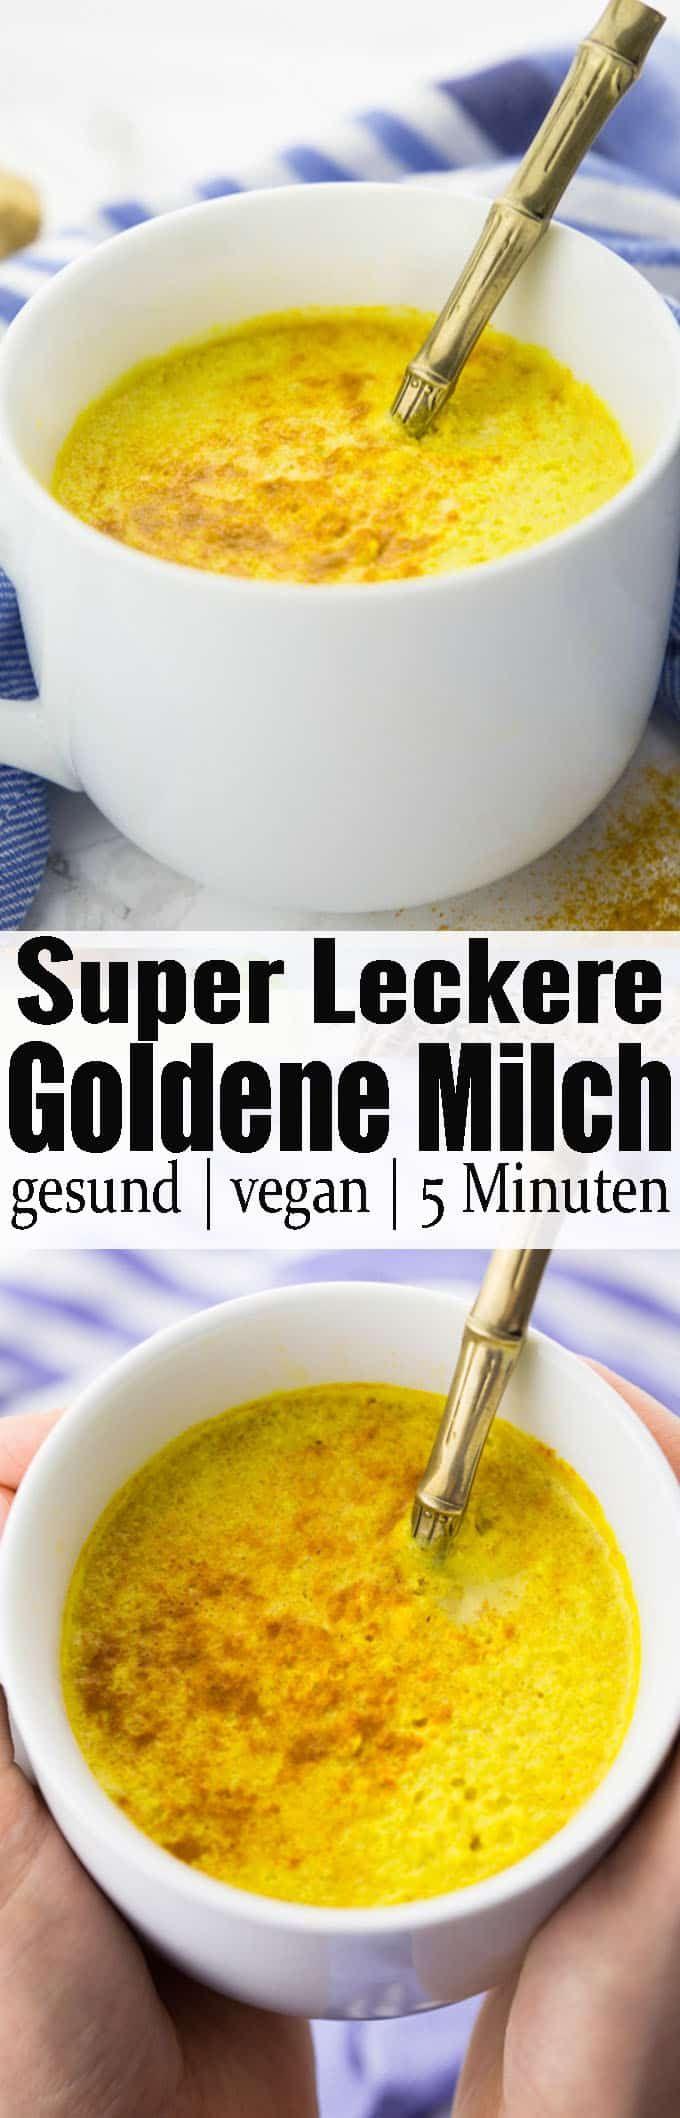 goldene milch rezept healthy drinks goldene milch. Black Bedroom Furniture Sets. Home Design Ideas